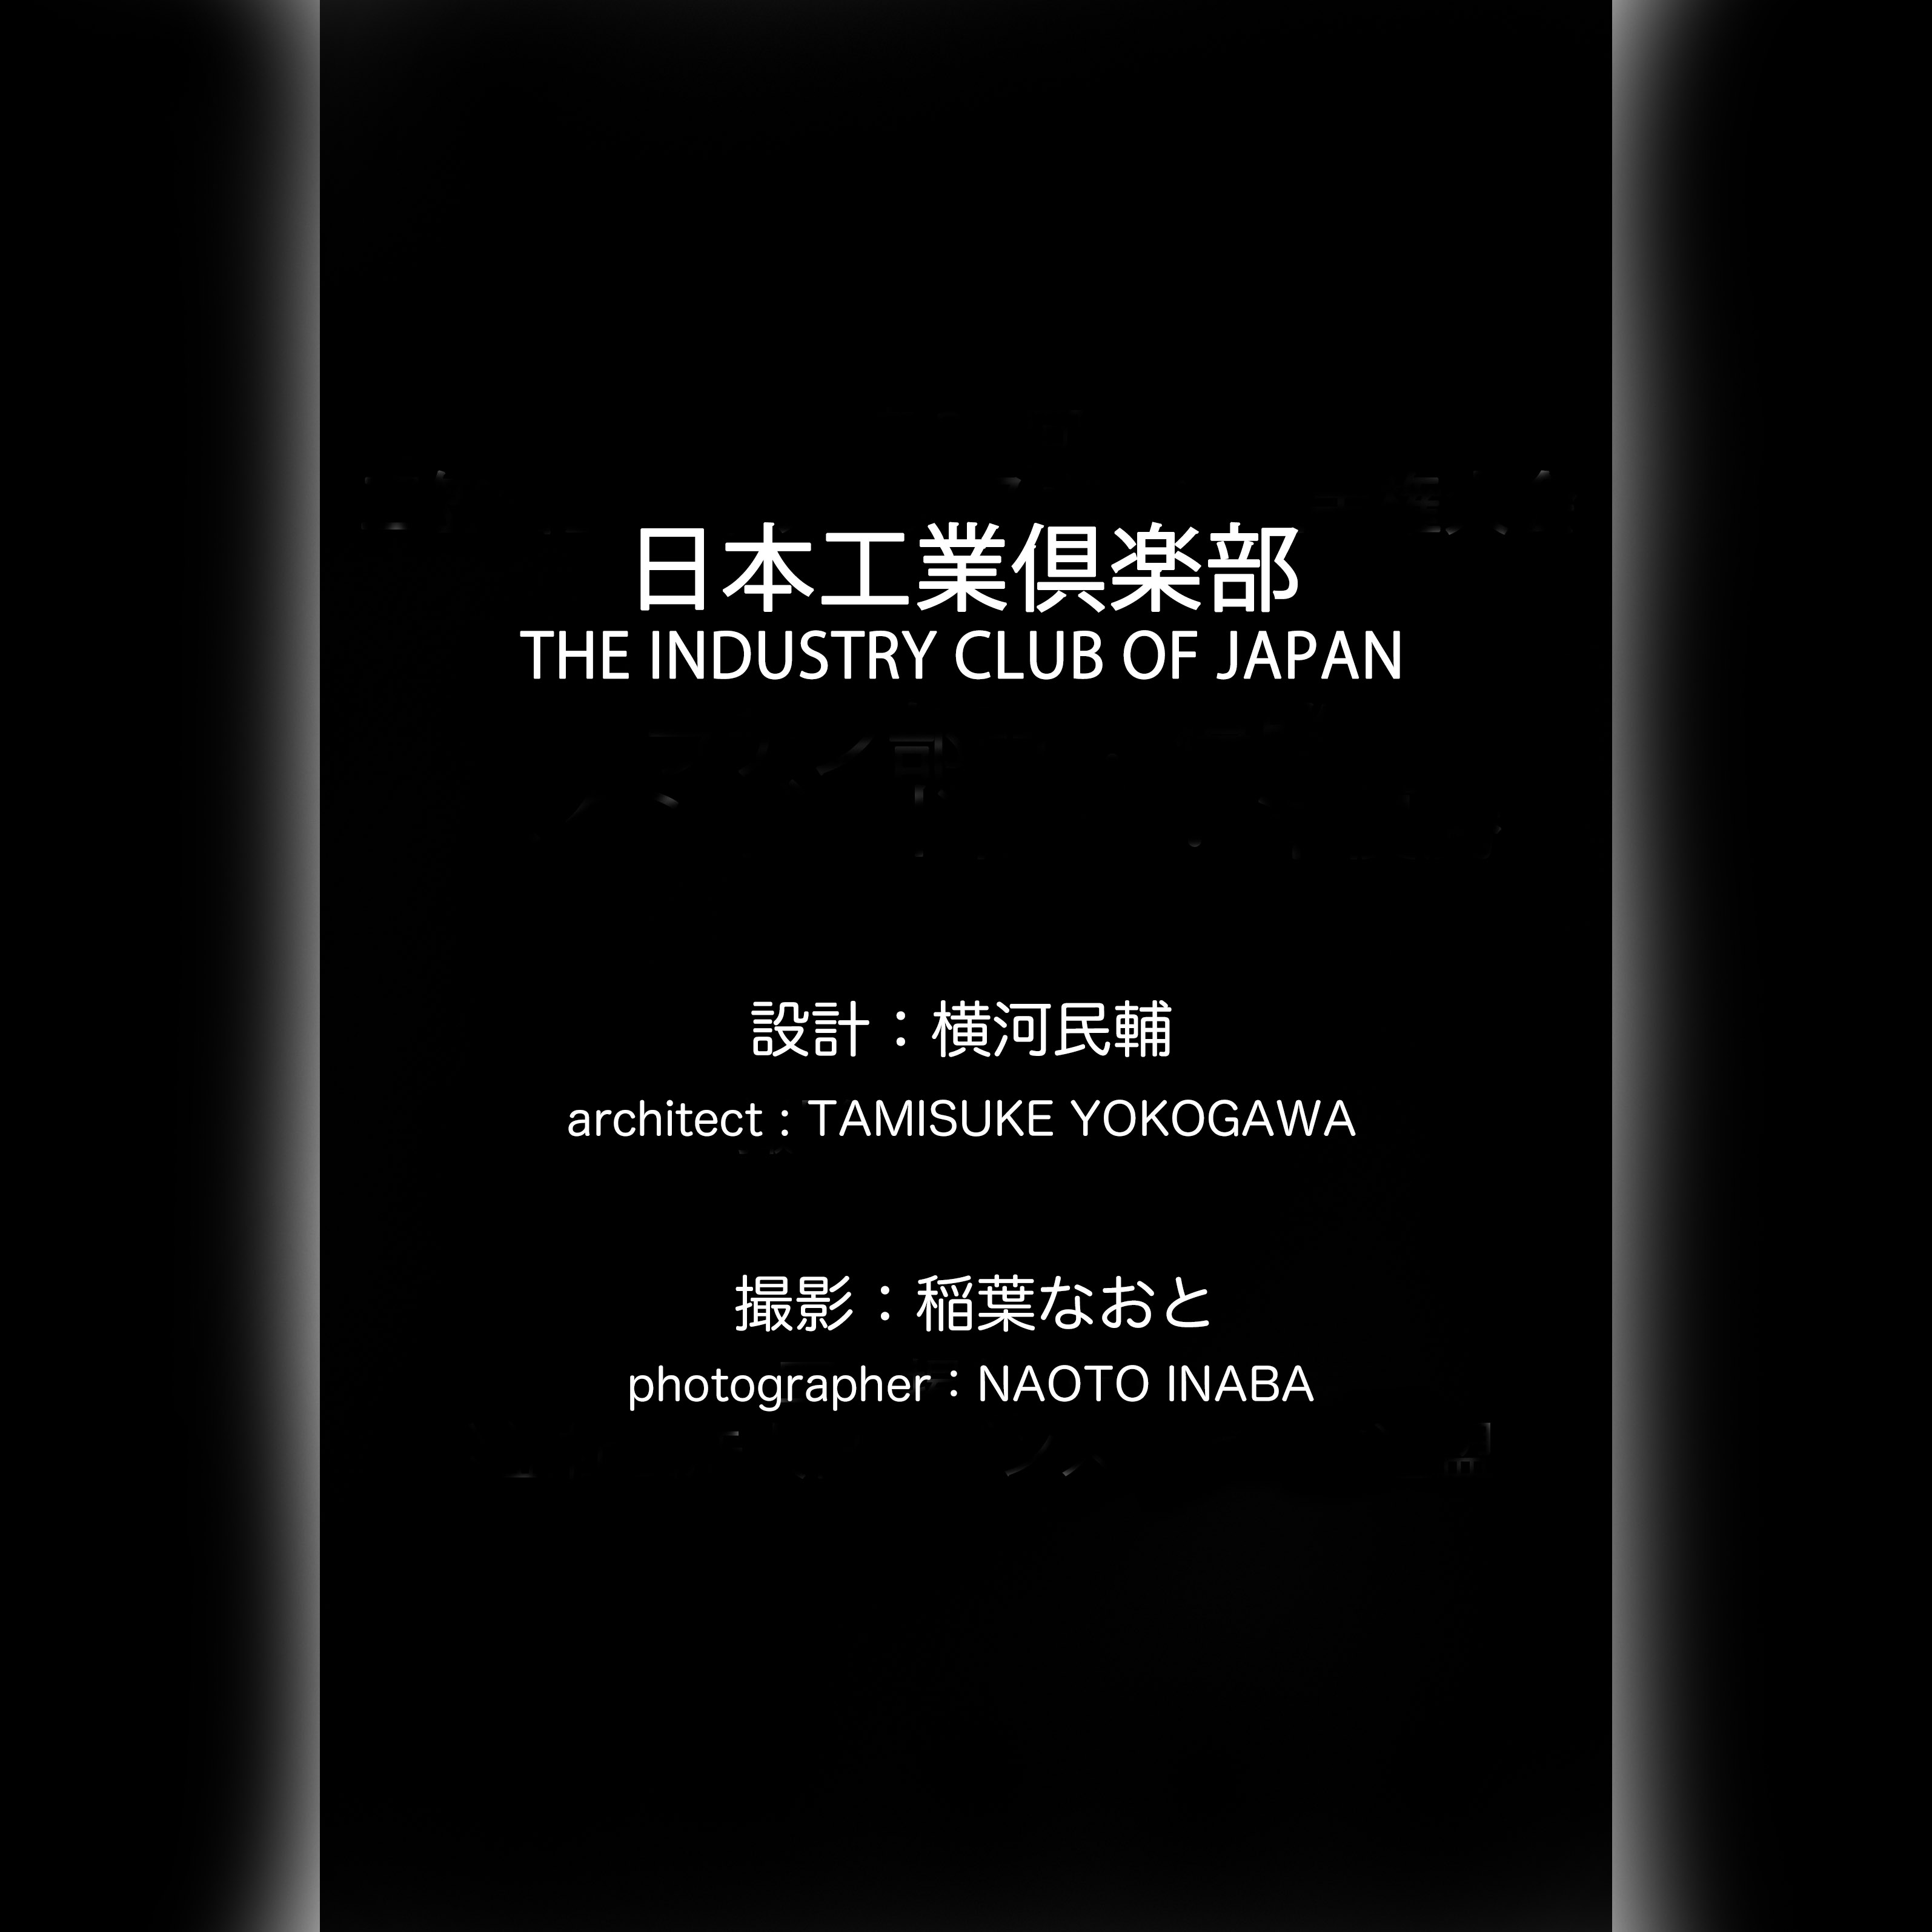 日本工業倶楽部